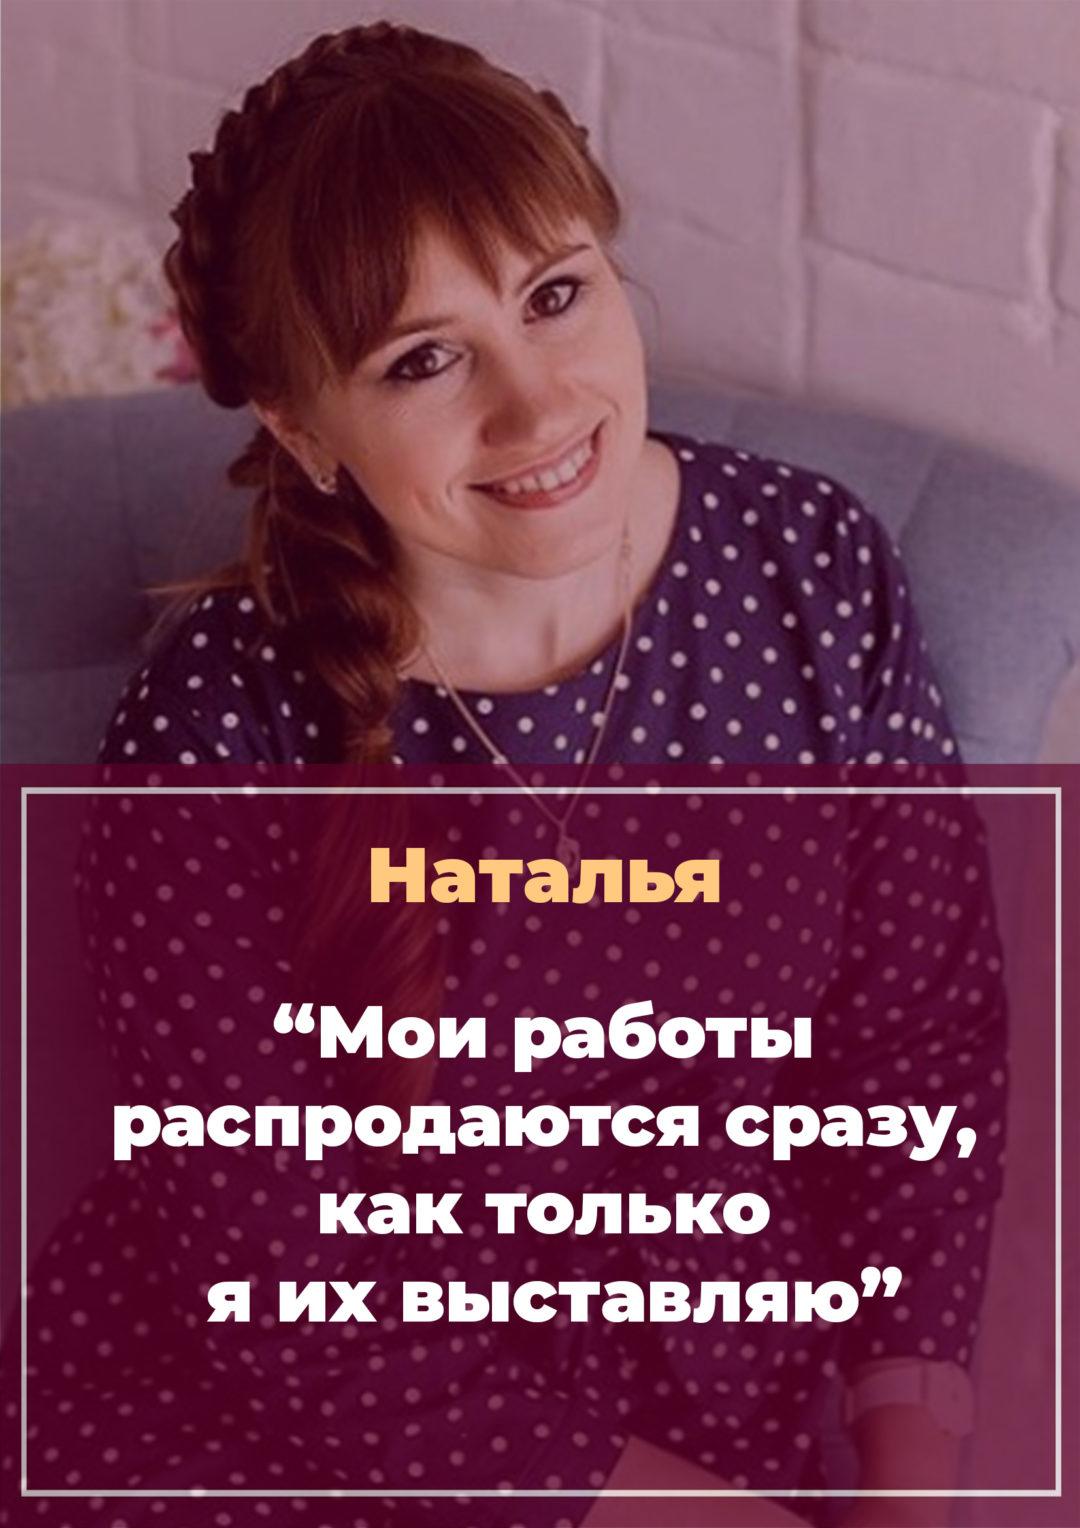 История Натальи